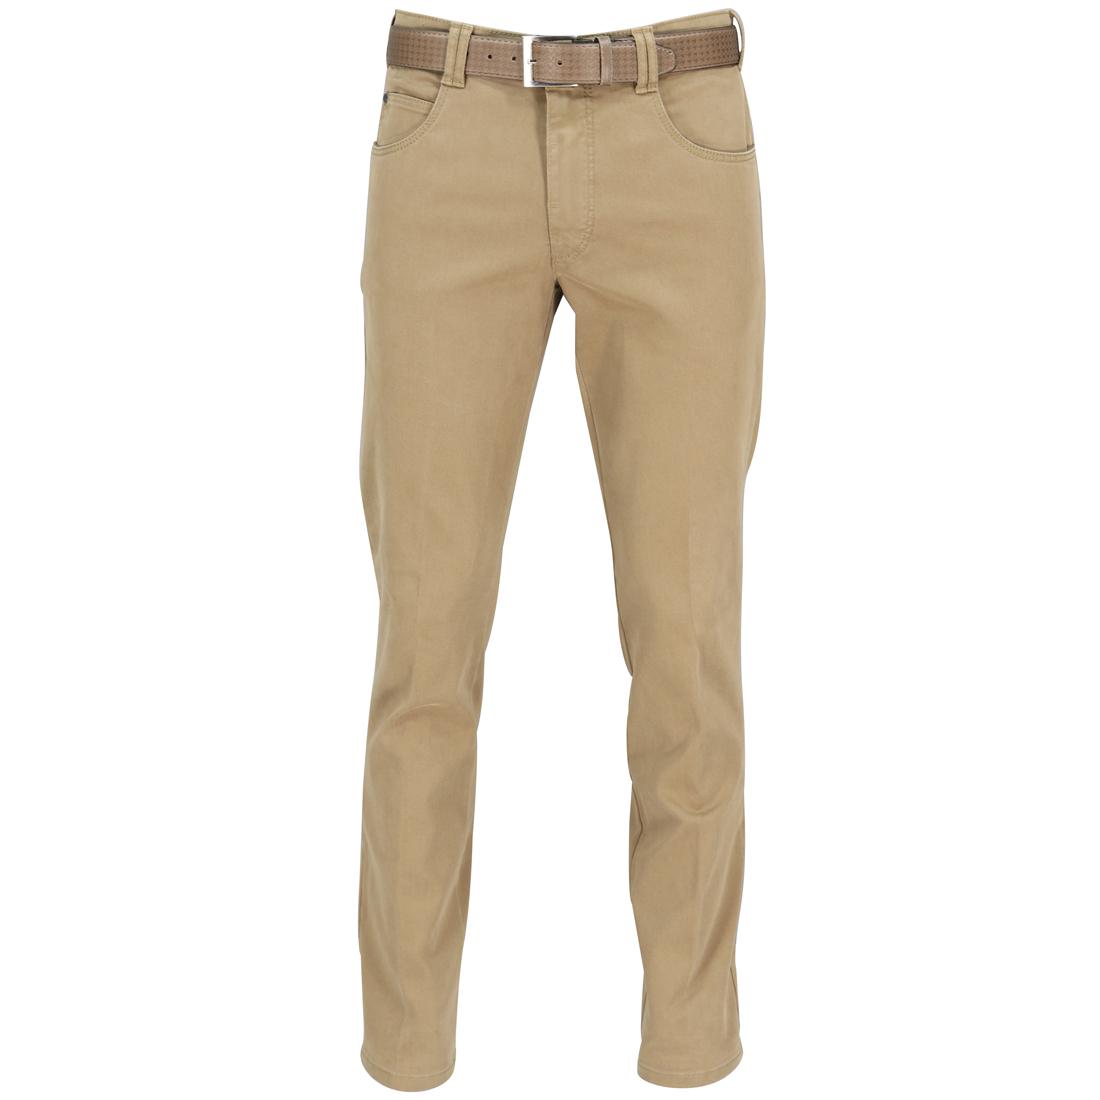 Meyer Hosen broeken 3102351600 in het Camel